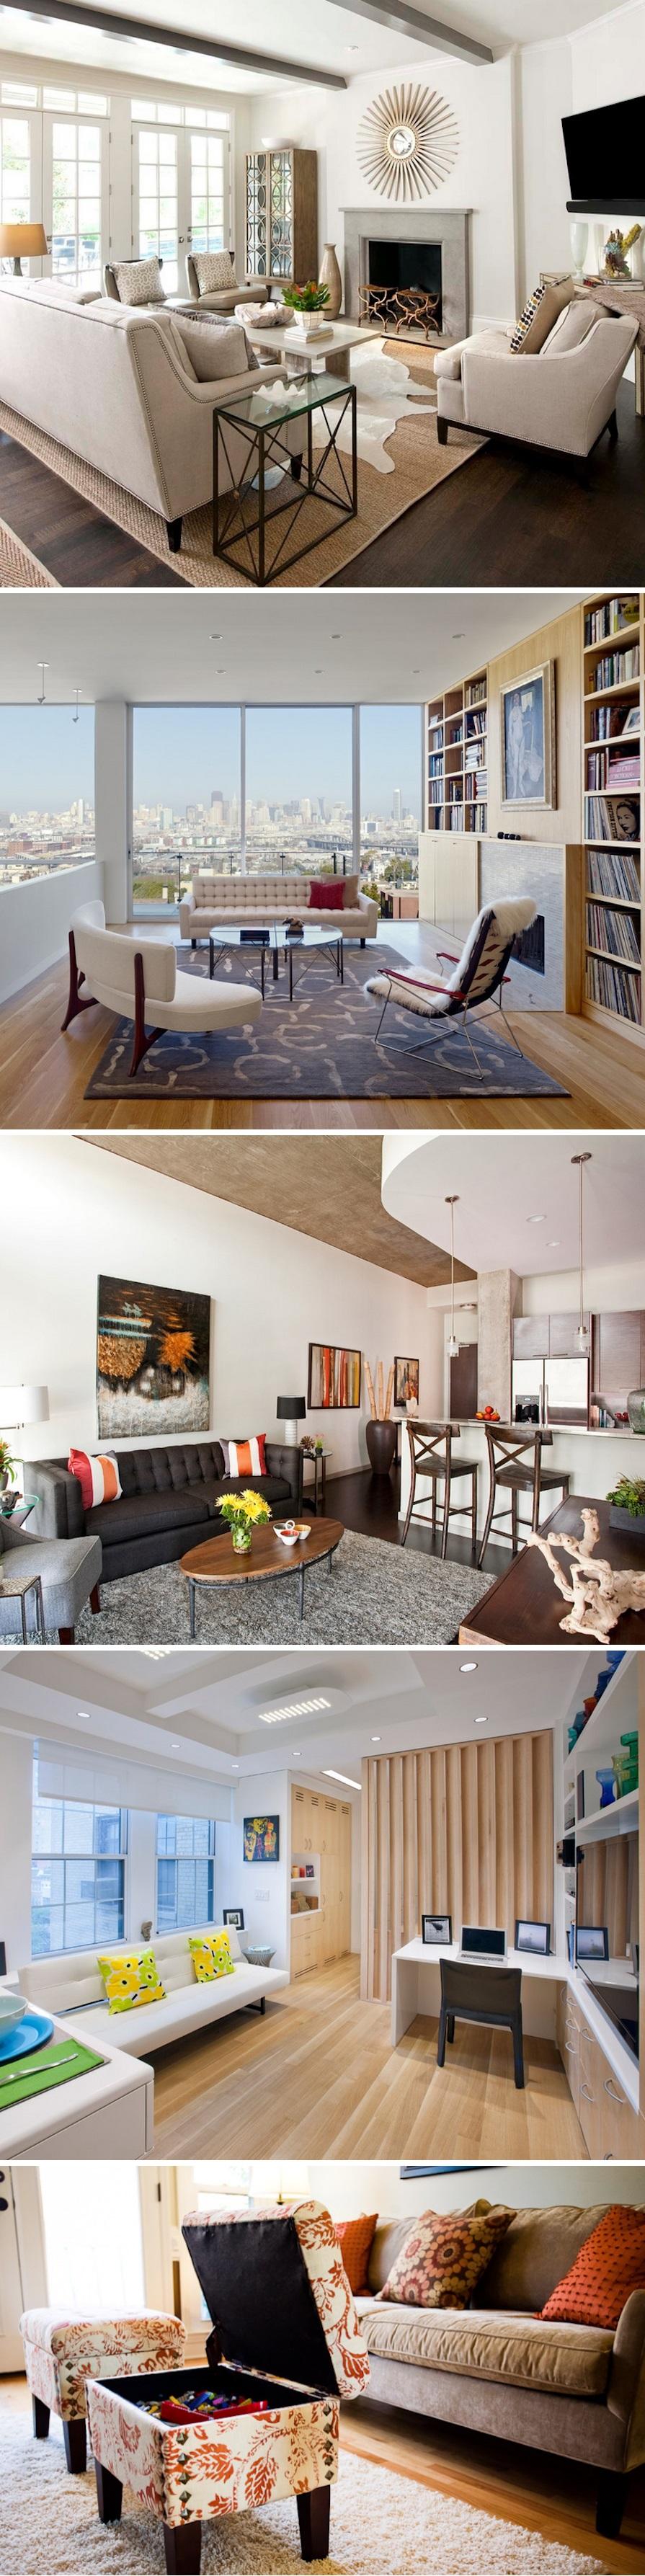 Como decorar pequenos espaços 3